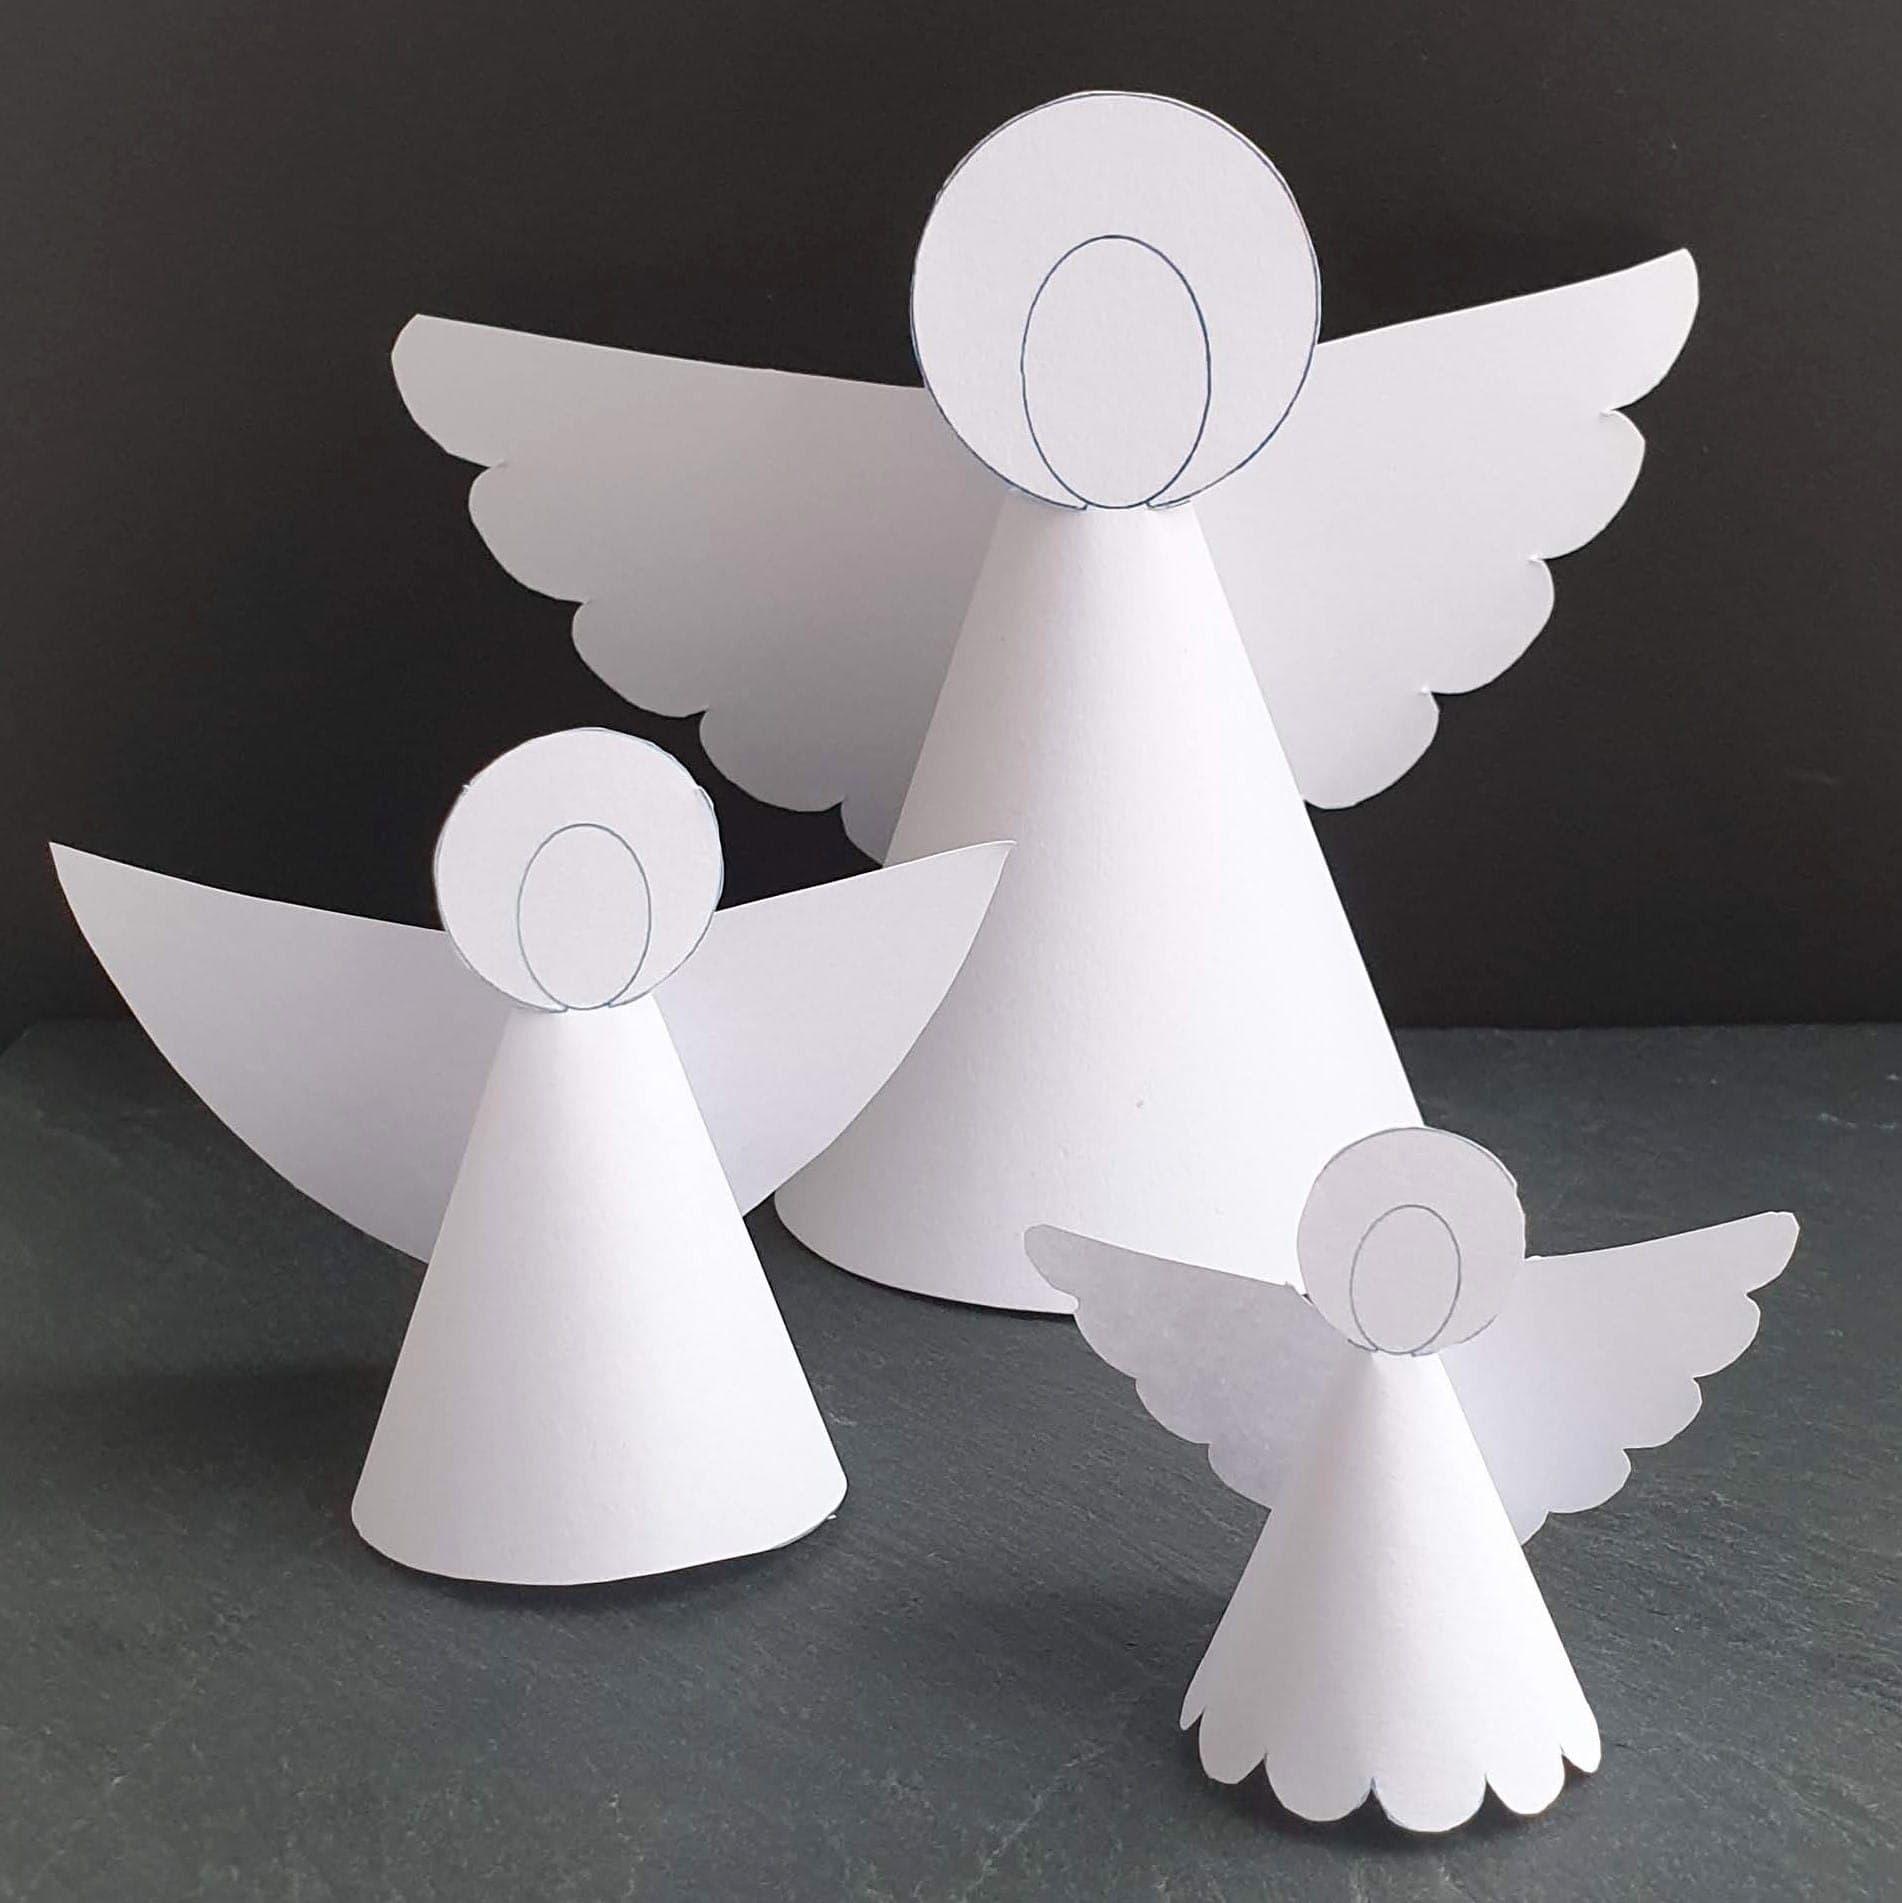 Nemme juleengle til juleklip – gratis skabeloner. Her finder du 3 versioner af den klassiske juleengel, der foldes ud af ét stykke karton. Du får skabeloner til hver af englene, du får også tips til at variere deres udseende. Find opskrifter, gratis print og inspiration til årets gang på danishthings.com #DanishThings #jul #engel #juleengel #gratis #skabelon #juleklip #klippeklistre #dekoration #julepynt